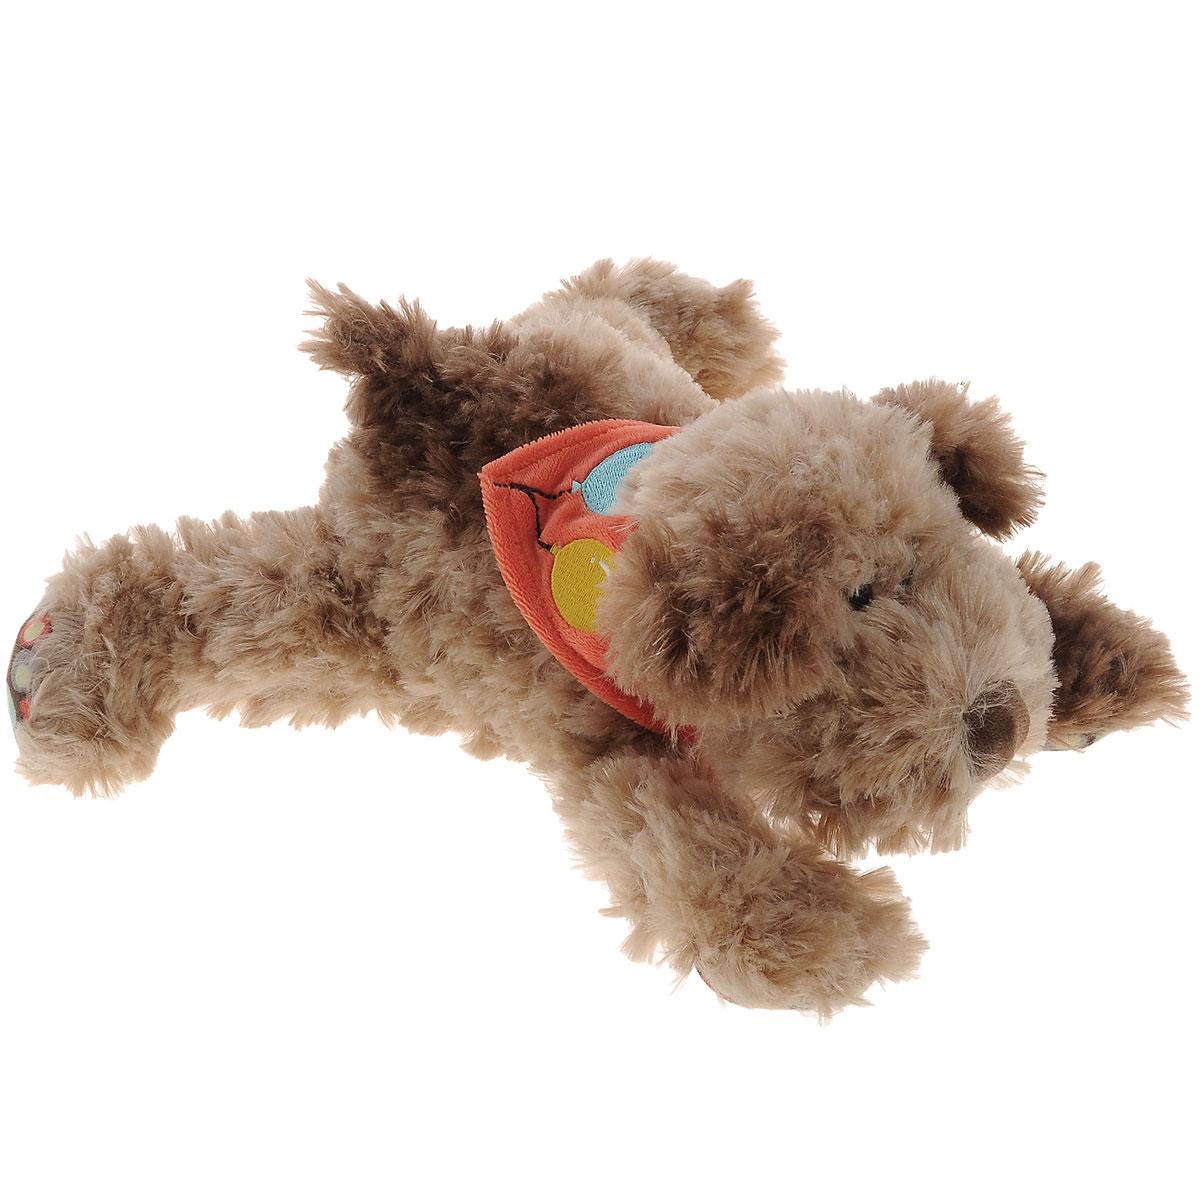 Plush Apple Мягкая игрушка Собака Кучеряшка, 27 см. K31287DK31287DМягкая игрушка Plush Apple Собака Кучеряшка станет верным другом вашему ребенку. Игрушка произведена из безопасных и качественных материалов. Собачка по имени Кучеряшка украшена стильным платком, подвязанным на шее. У нее пушистая приятная шерстка, черные глаза-бусинки, а подушечки на лапках дополнены специальными вставками из яркого текстиля с рисунком. Озорная и забавная собачка Кучеряшка непременно понравится малышу, а также подарит много сладких снов и хорошее настроение.